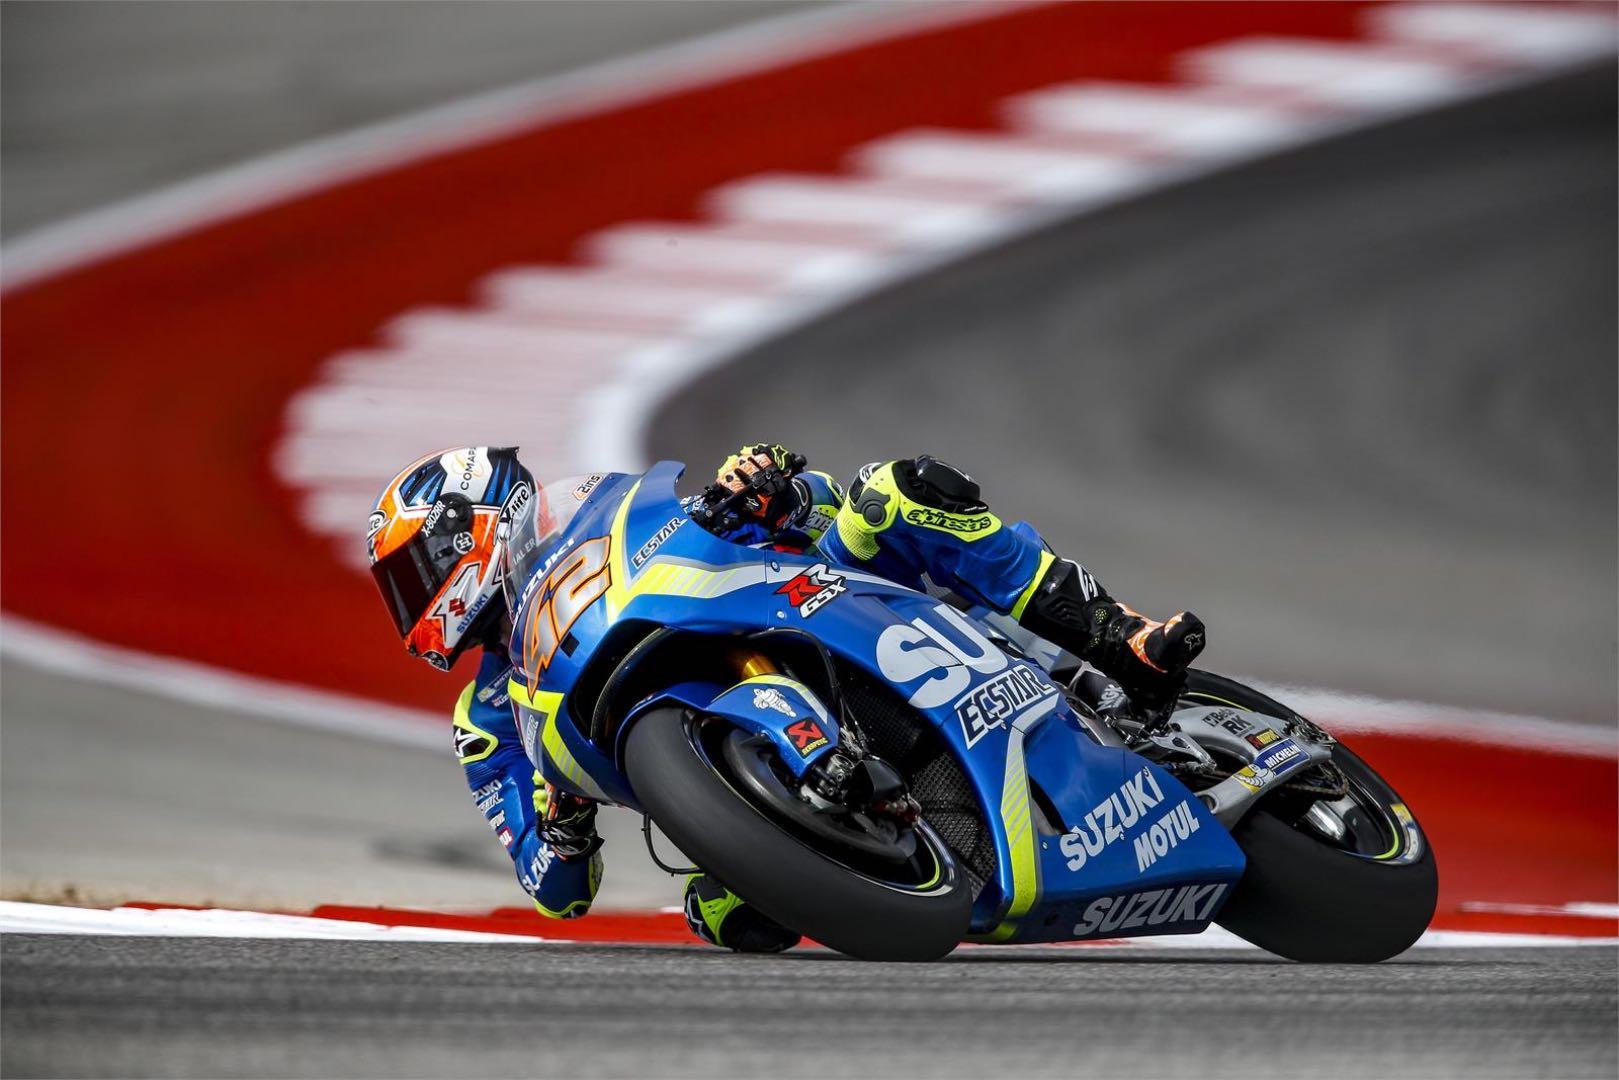 Suzuki MotoGP's Alex Rins Injury Update: Titanium Installed, Rehab Begins